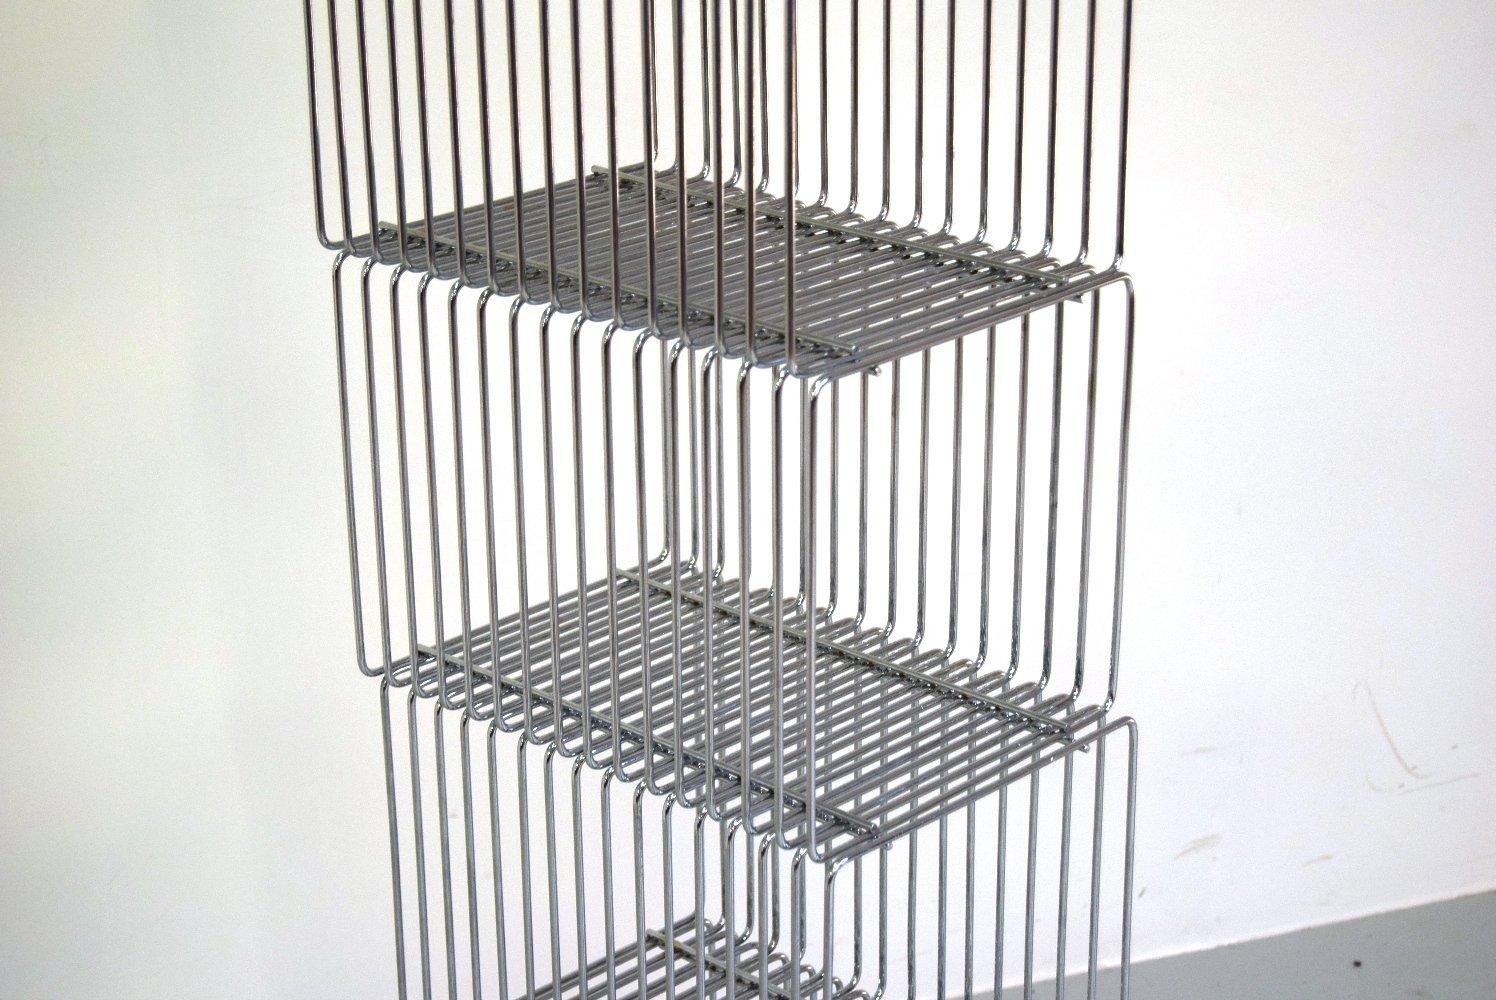 Fein Drahtwürfel Skulptur Galerie - Der Schaltplan - greigo.com